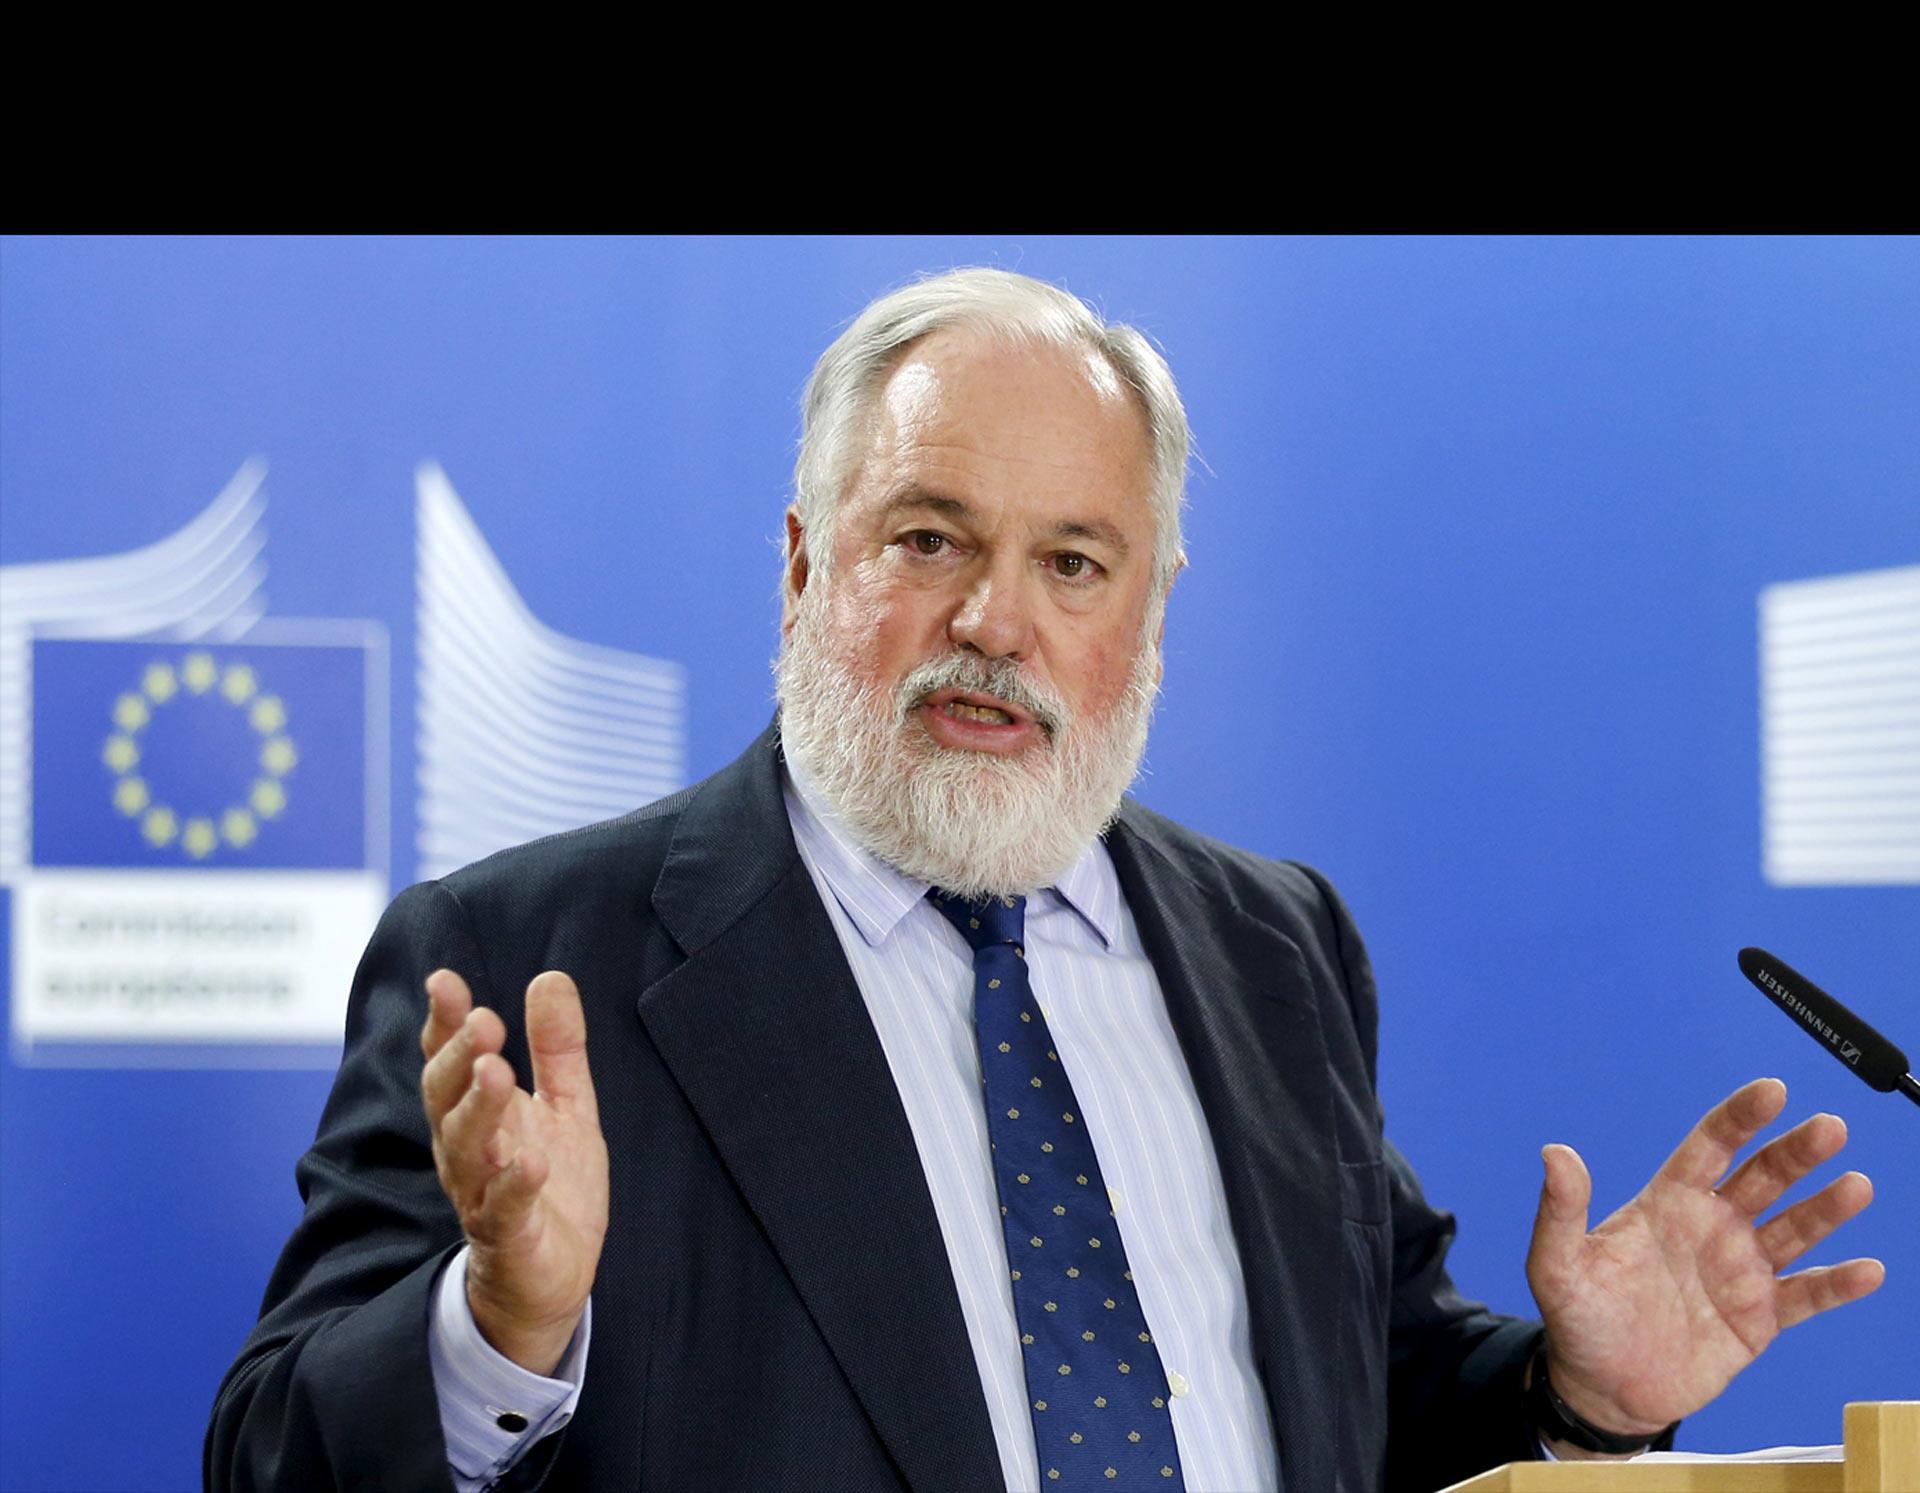 El comisario europeo de Clima y Energía dijo que todos los países del G-20 deben formular propuestas concretas